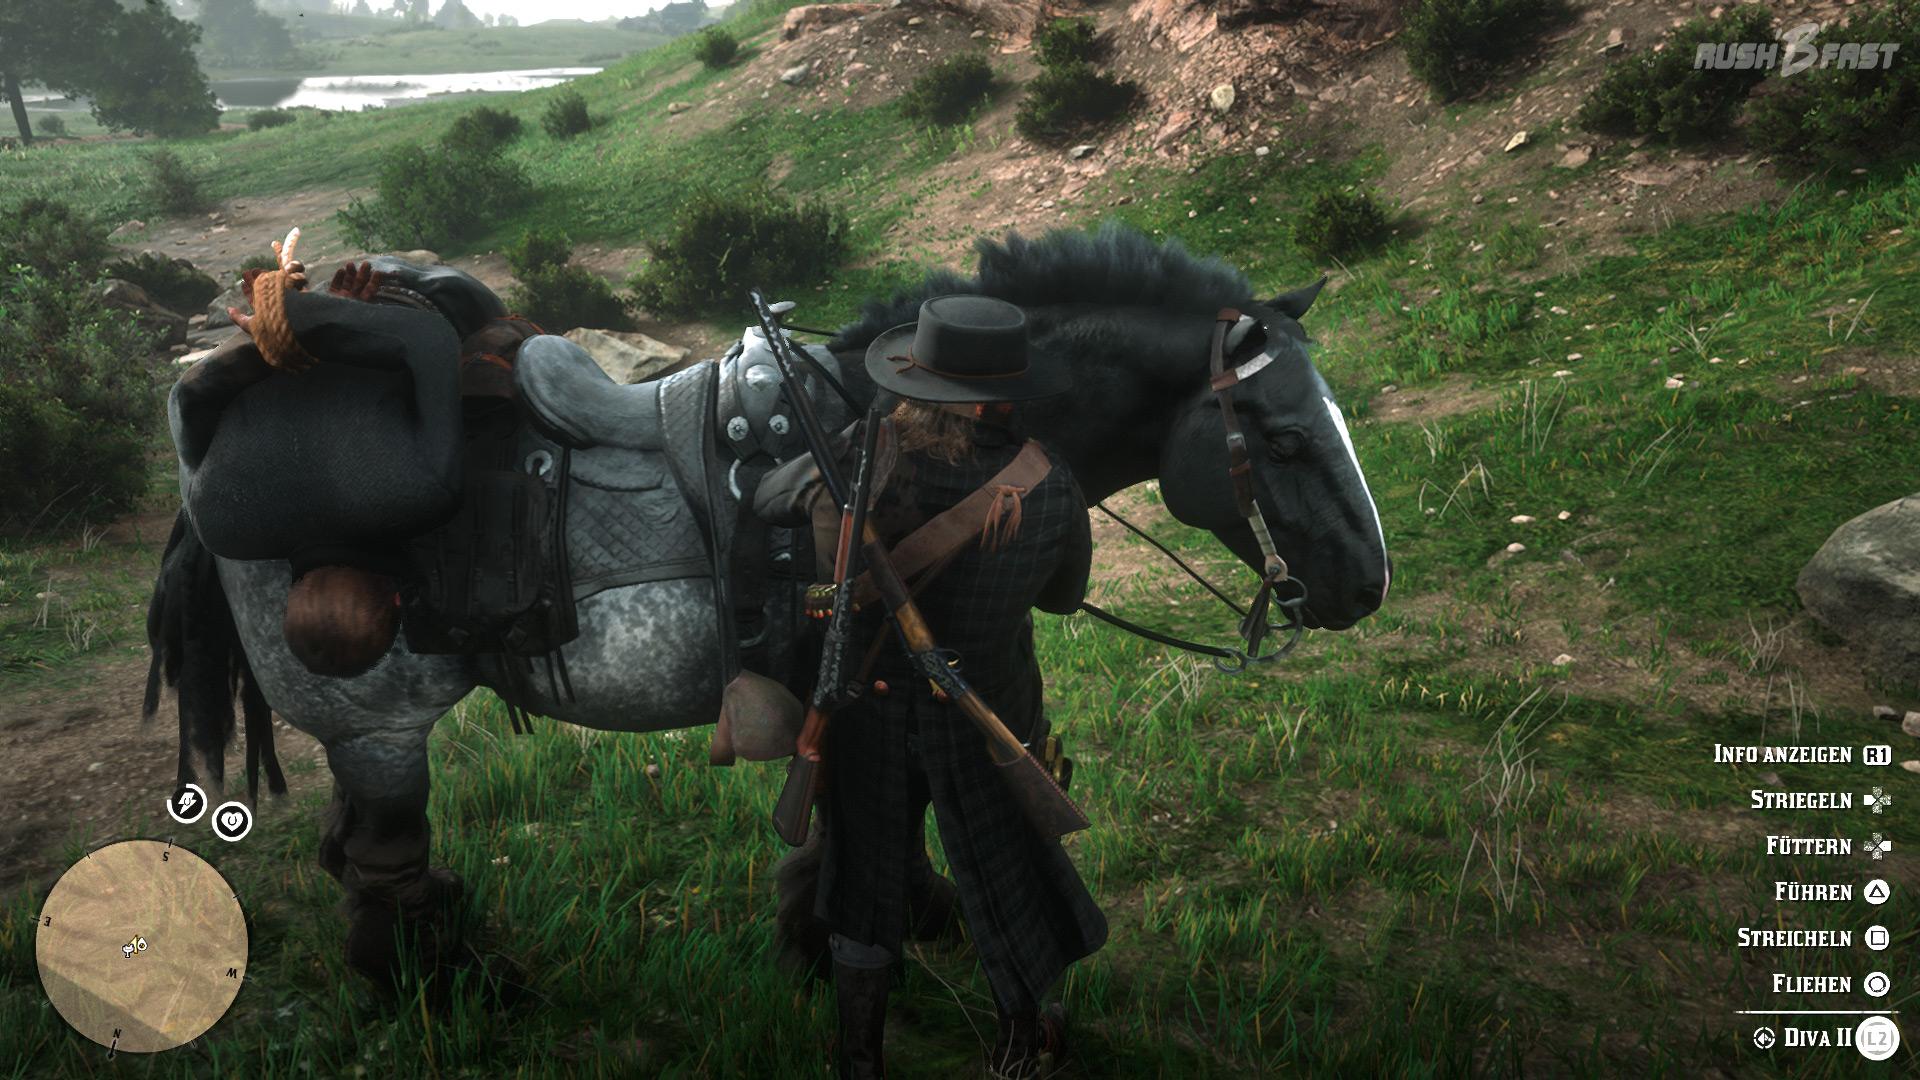 Red Dead Redemption 2: Befinden wir uns auf oder neben dem Pferd, können wir auf das Menü zugreifen, um es zu pflegen.